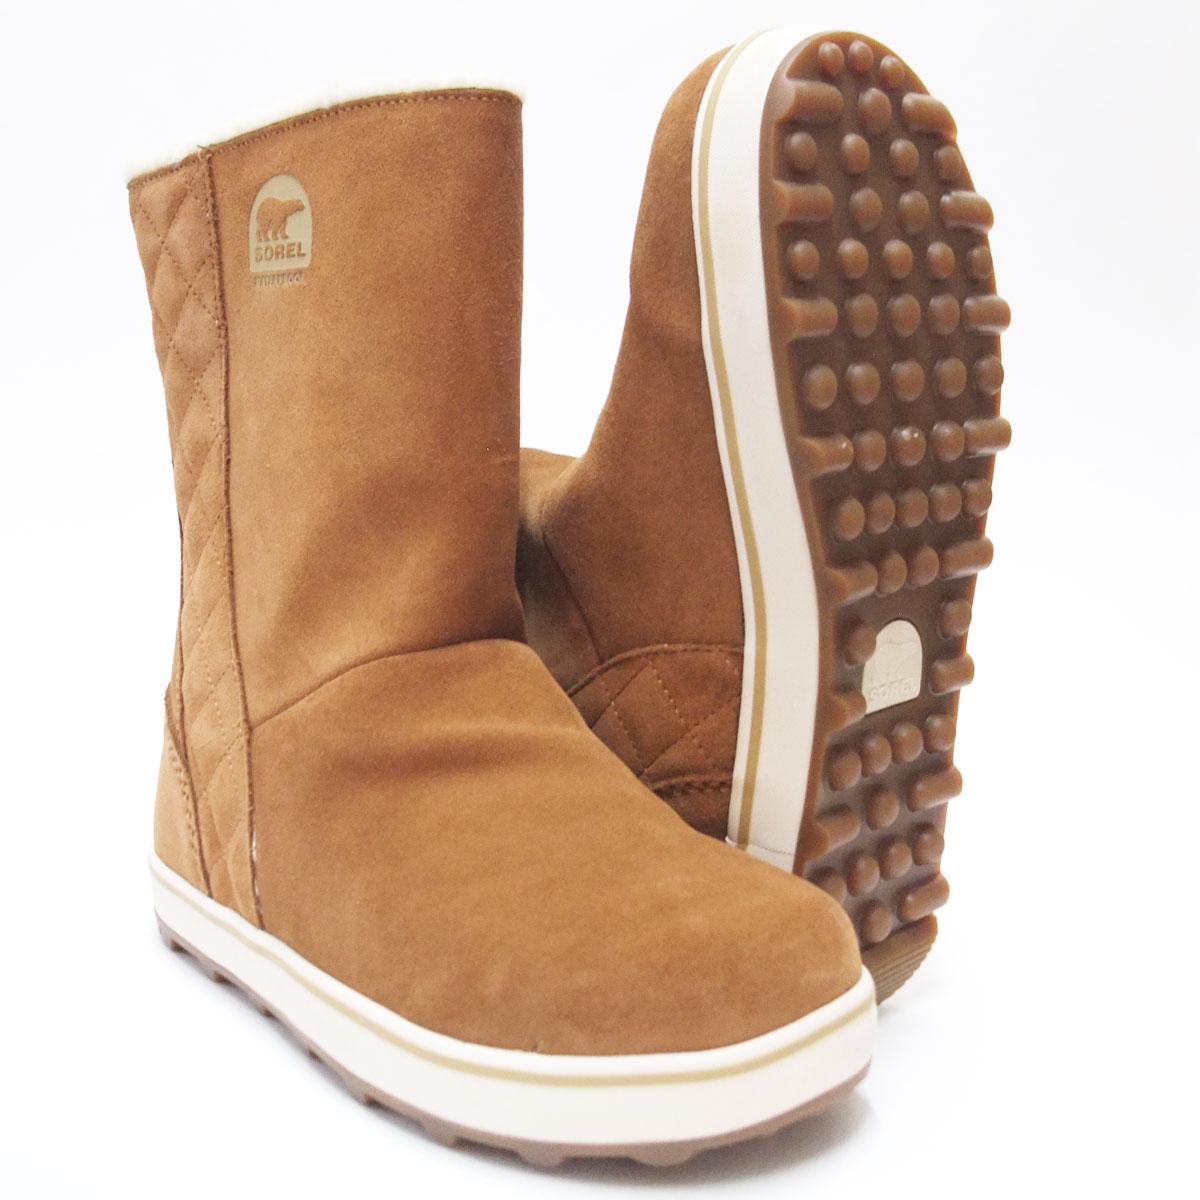 保温性・撥水性抜群の快適ウィンターブーツSOREL ソレル NL1975(レディース)グレイシー:ELK(286)「靴」